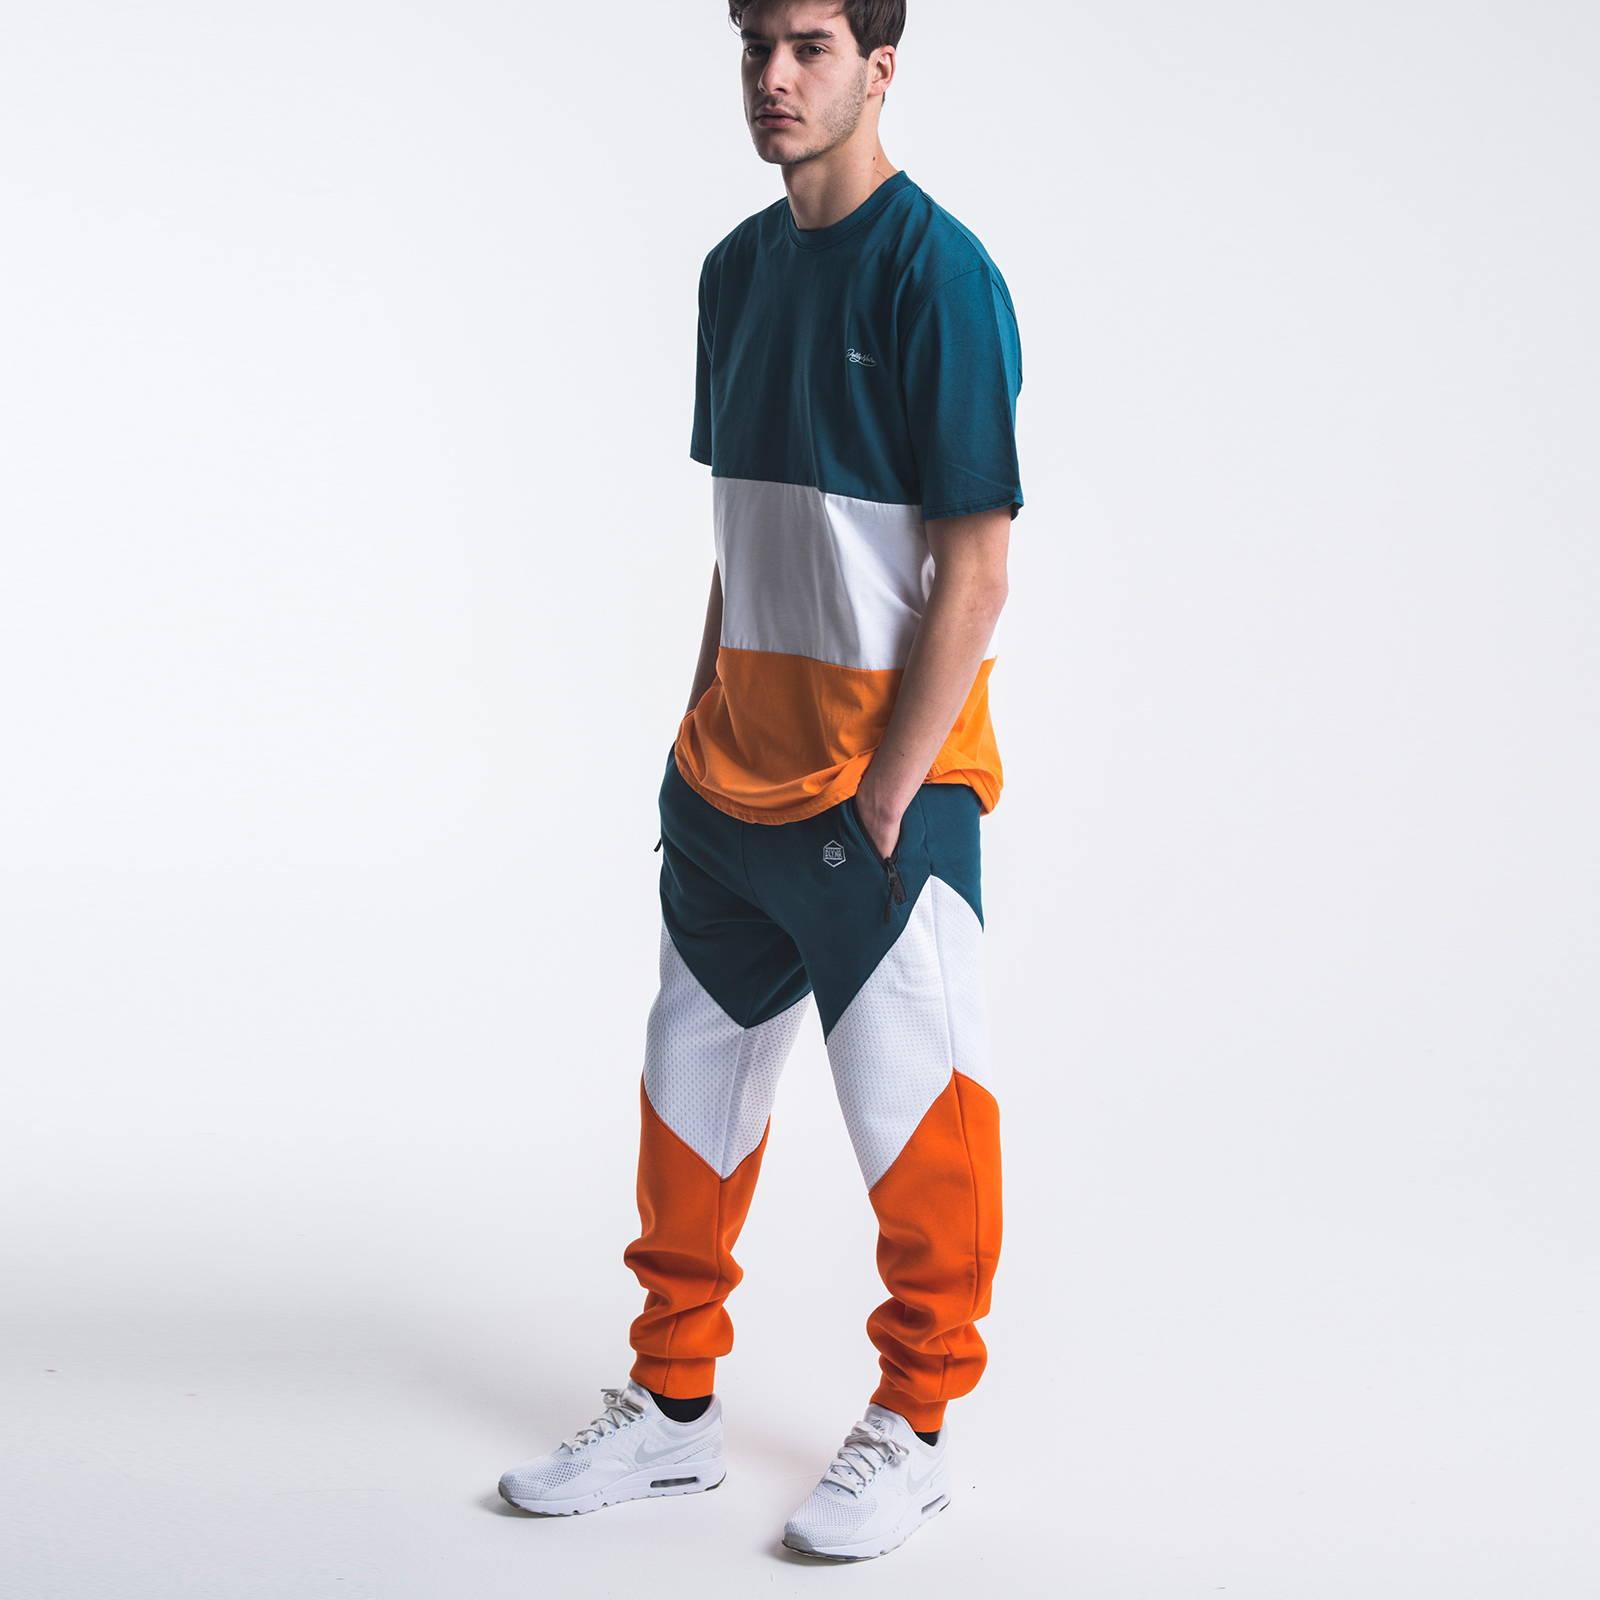 Pantaloni in felpa garzata Dolly Noire. Taglio  Victorious a tre bande: felpa arancio, tessuto bianco forellato, e felpa blu petrolio. Tasche con zip spalmata, e tira zip in silicone. Logo Dolly Noire ricamato vicino alla tasca.